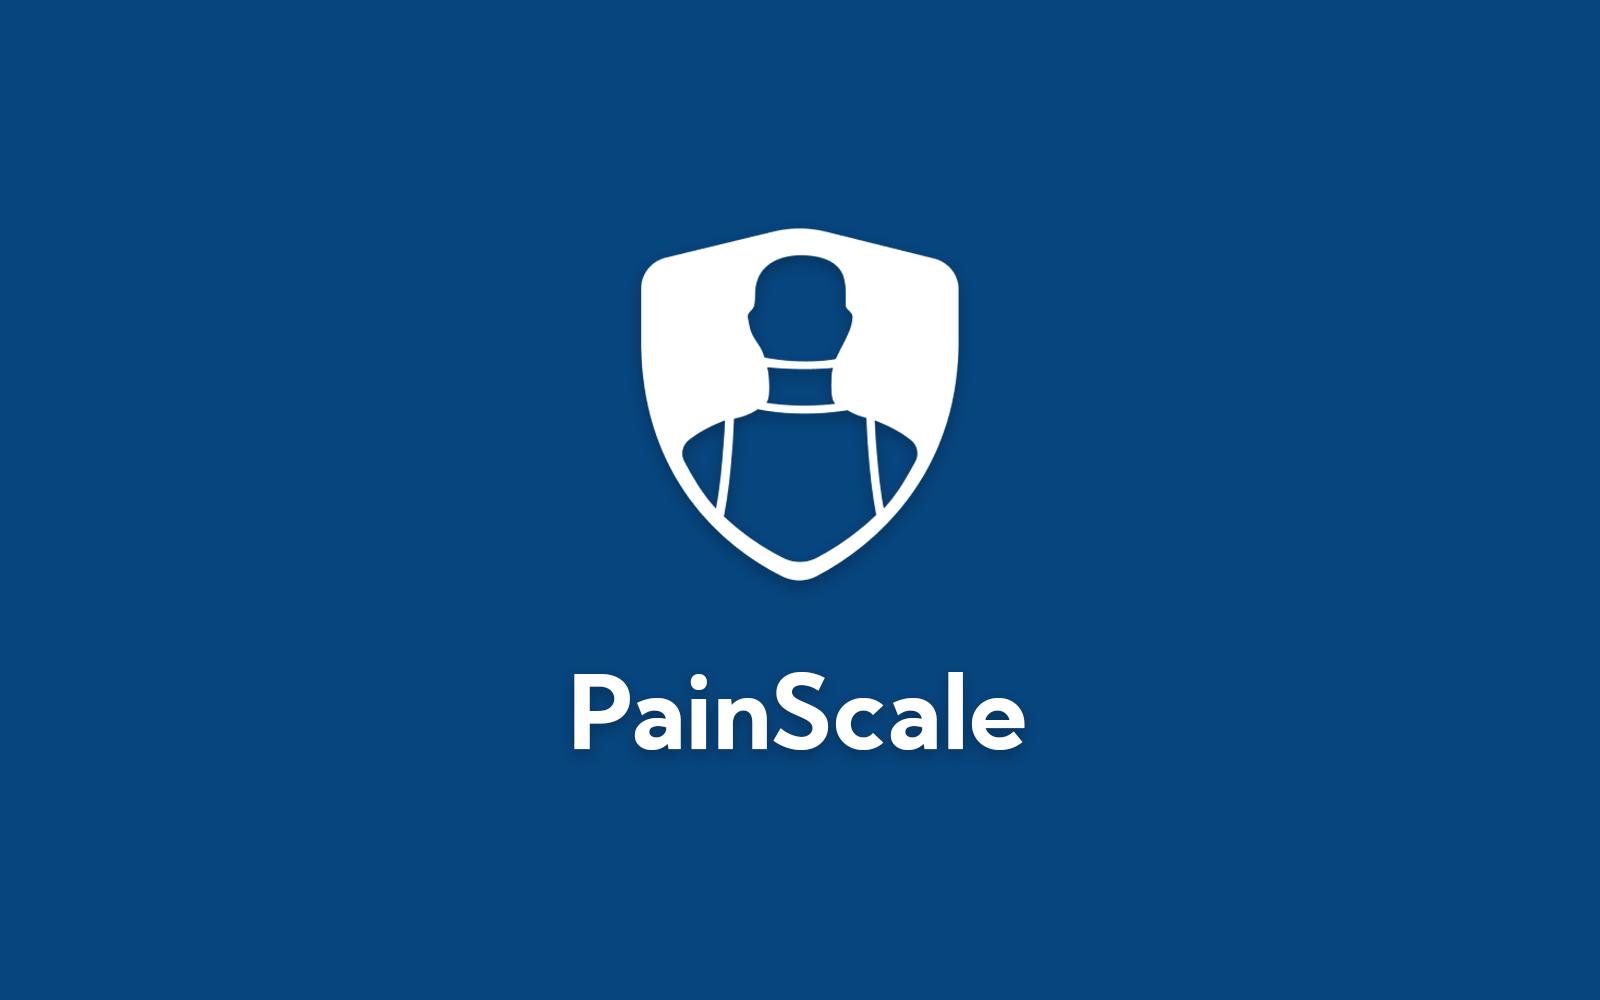 PainScale logo on blue background